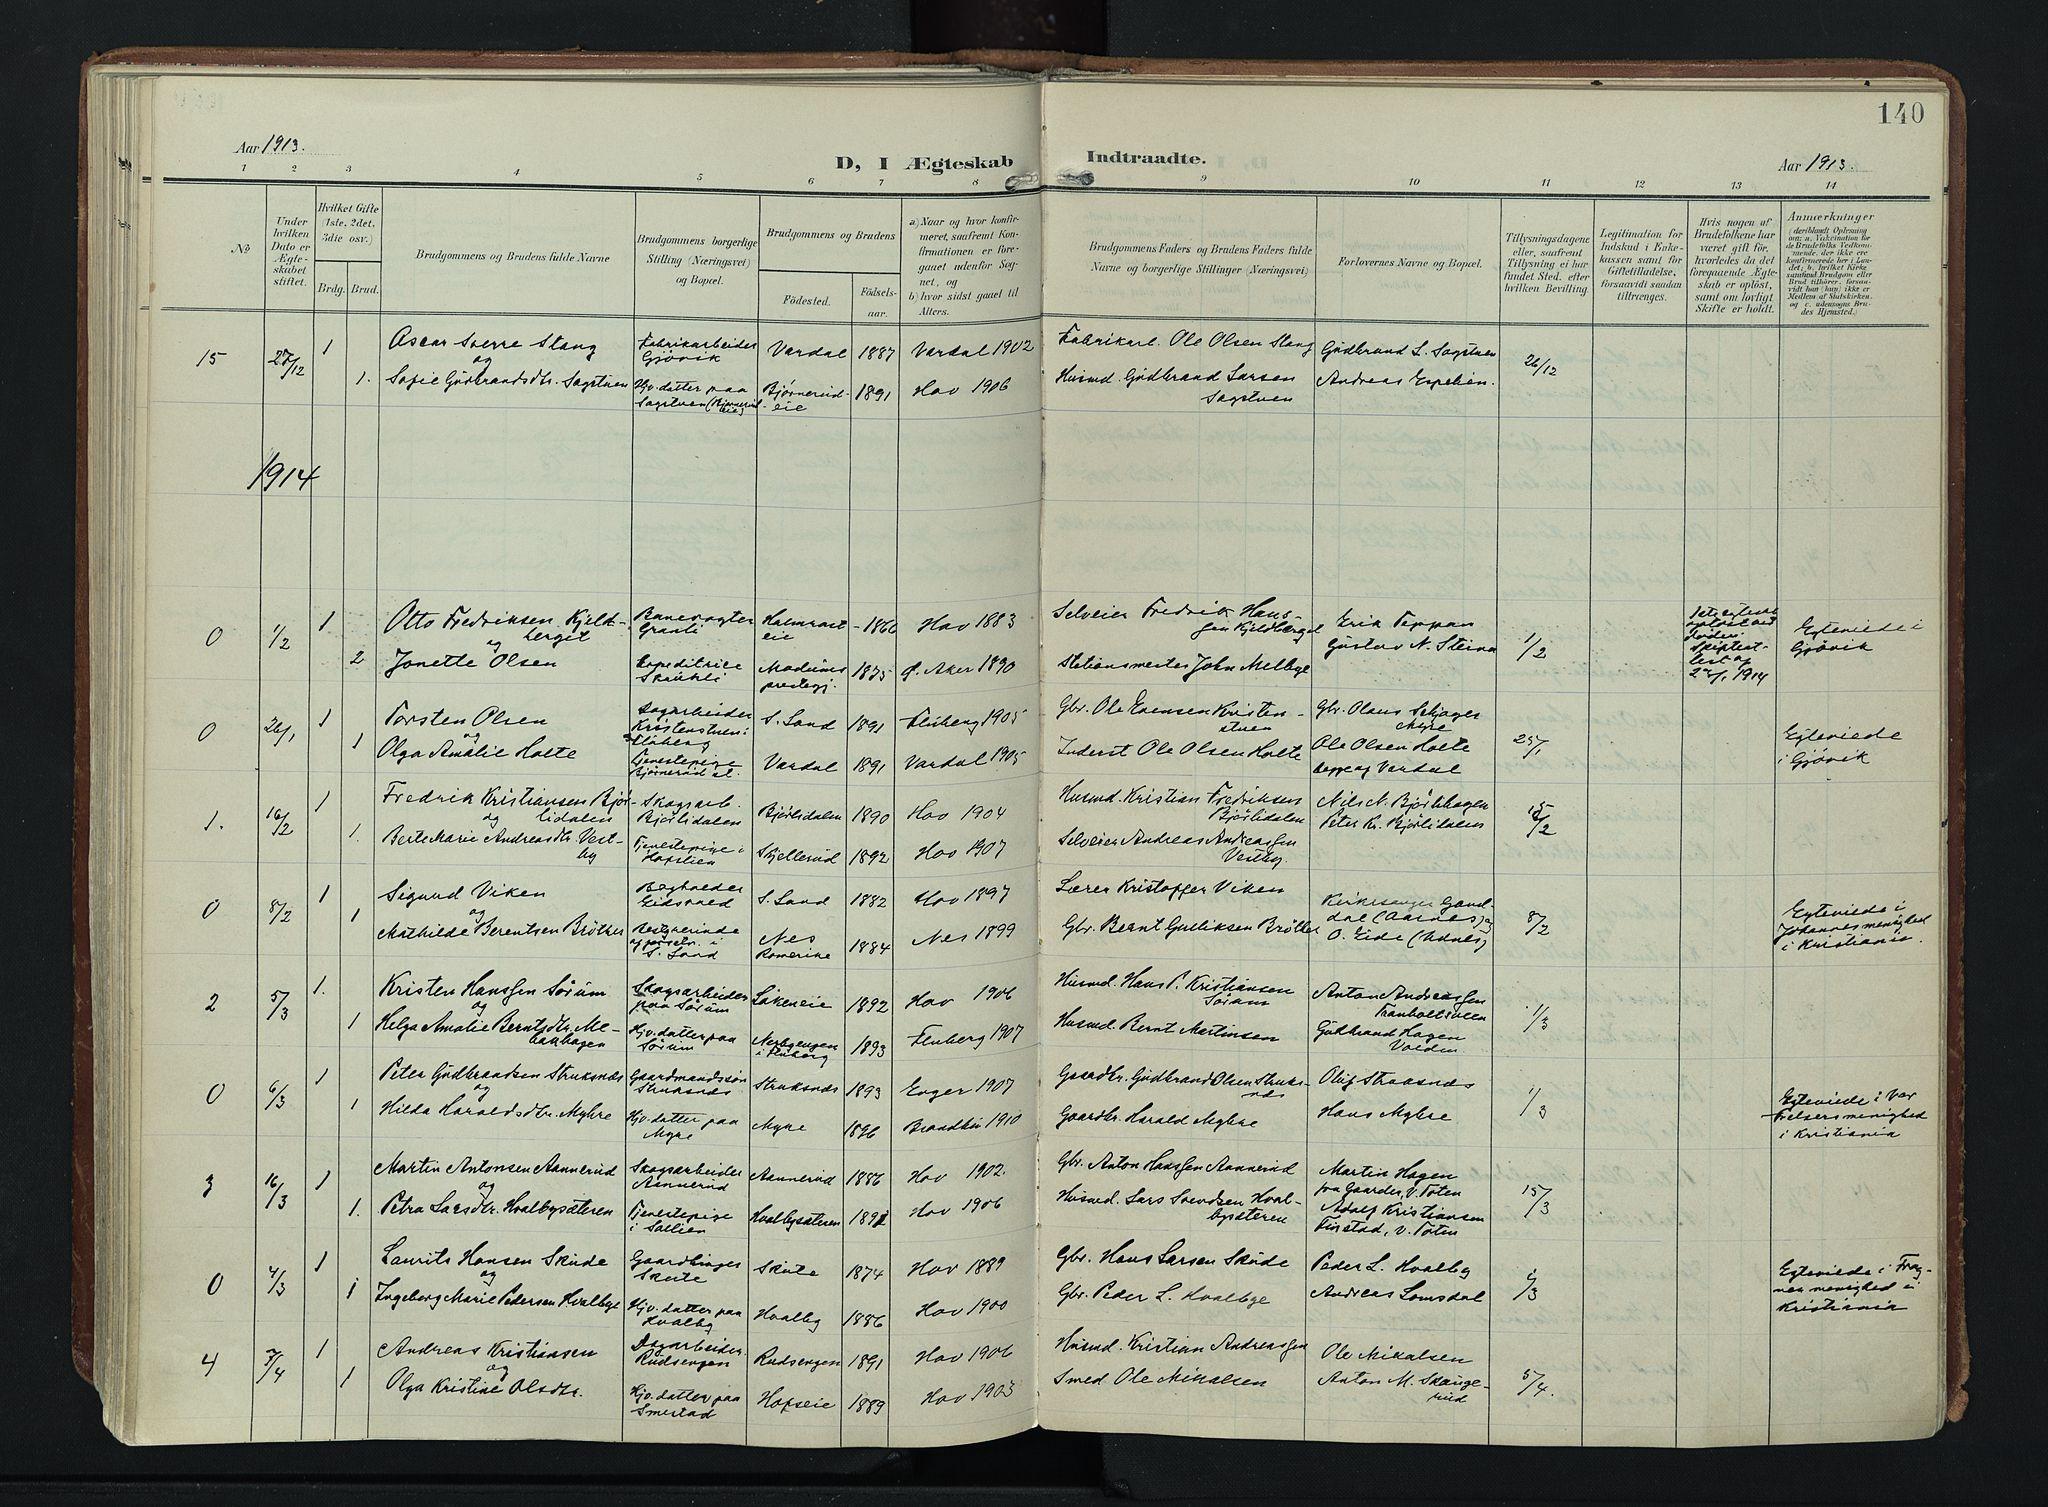 SAH, Søndre Land prestekontor, K/L0007: Ministerialbok nr. 7, 1905-1914, s. 140